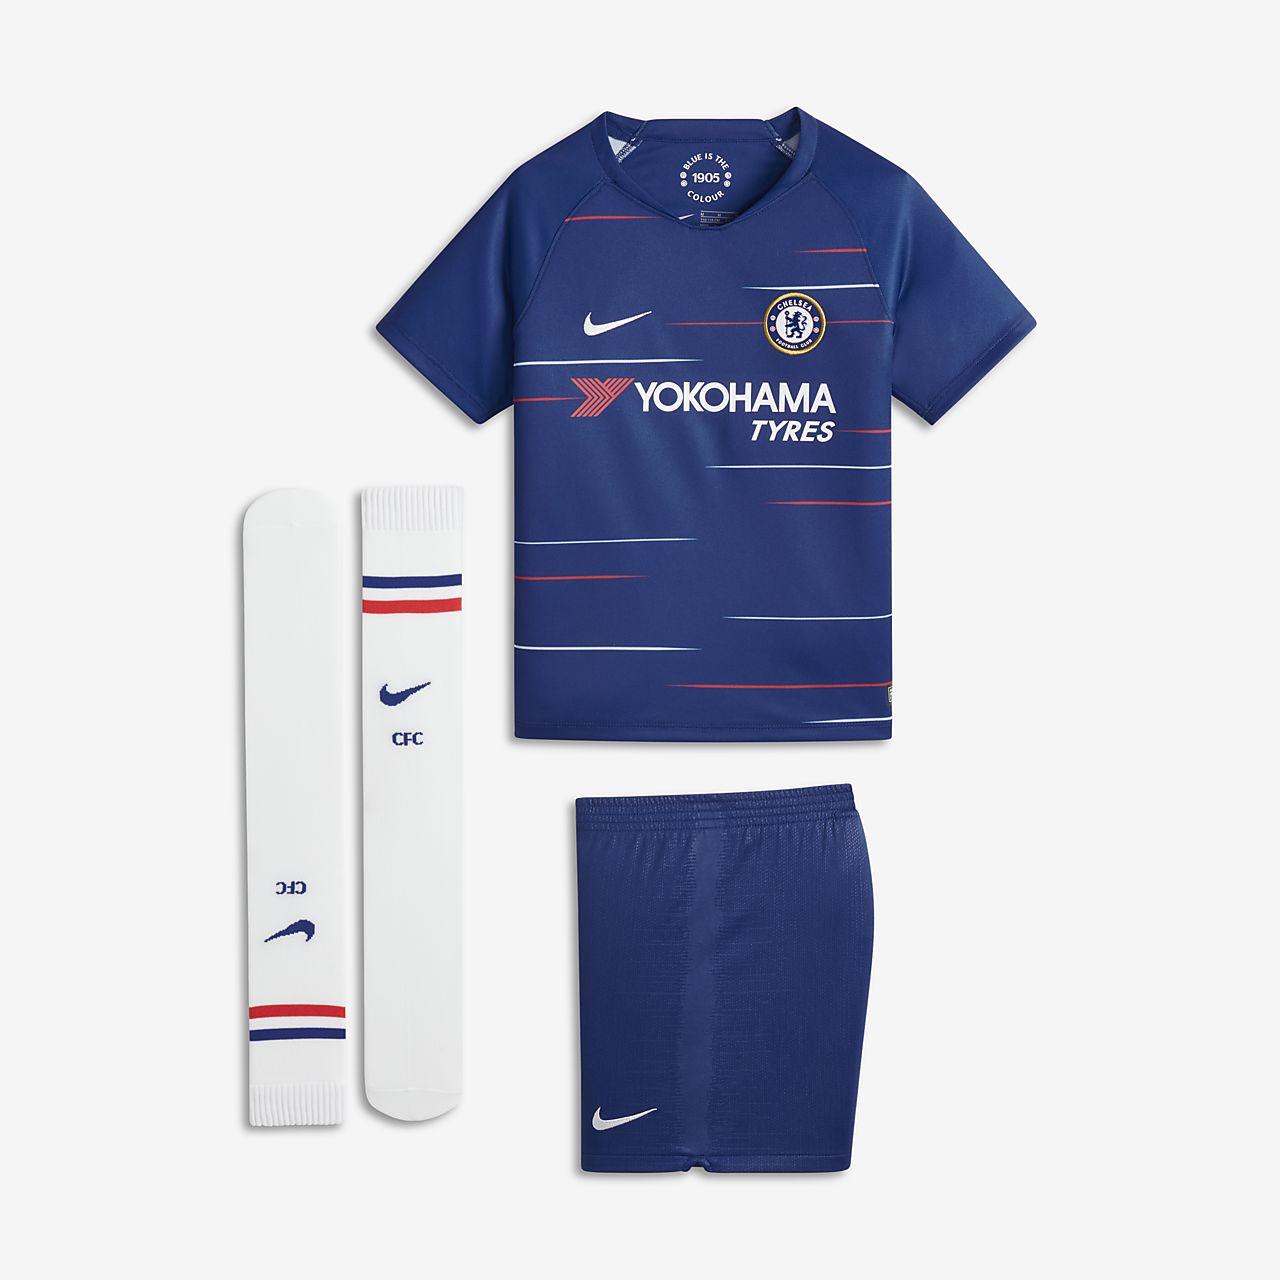 bdd7686992 uniforme de fútbol para niños talla pequeña 2018/19 chelsea fc